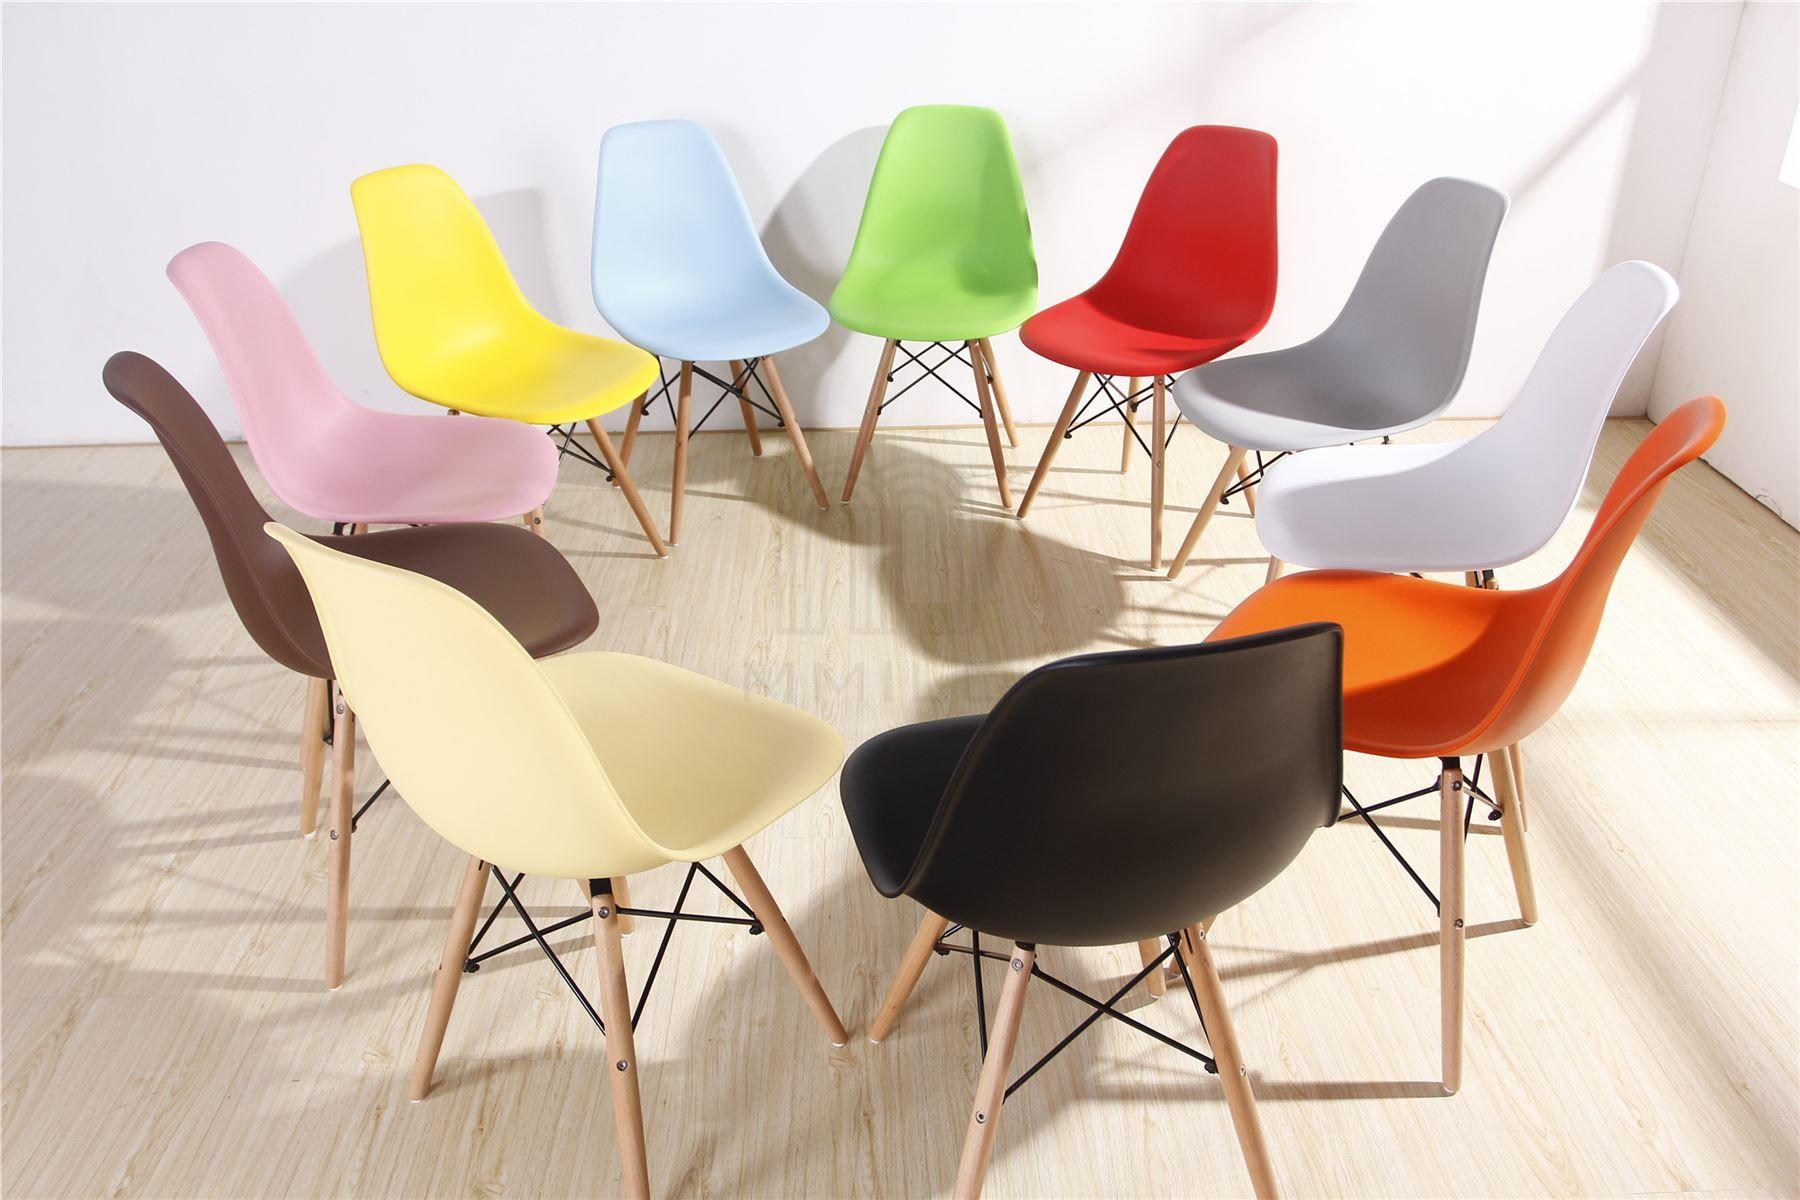 Replica design meubels lighting with replica design for Replica design meubelen